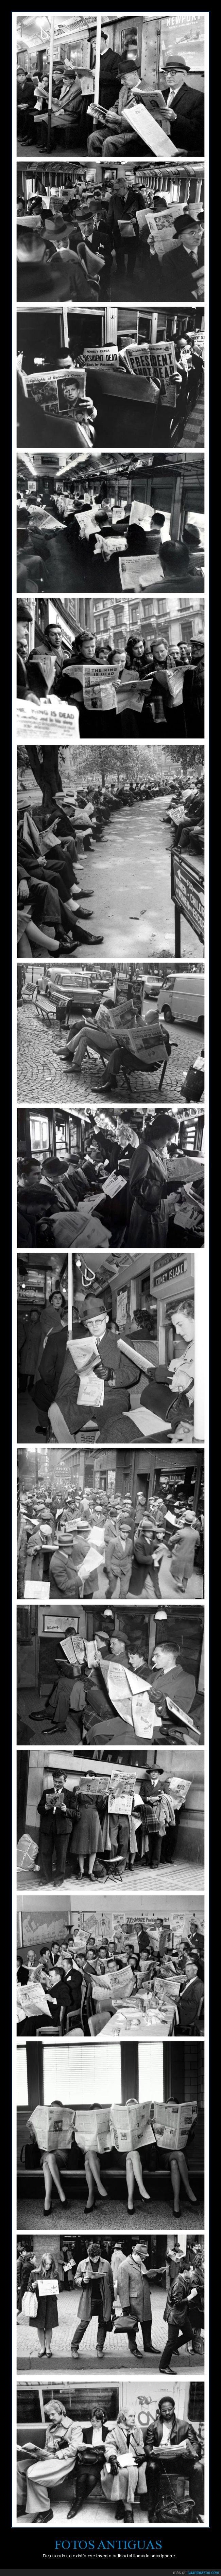 antisociales,fotos antiguas,periódicos,retro